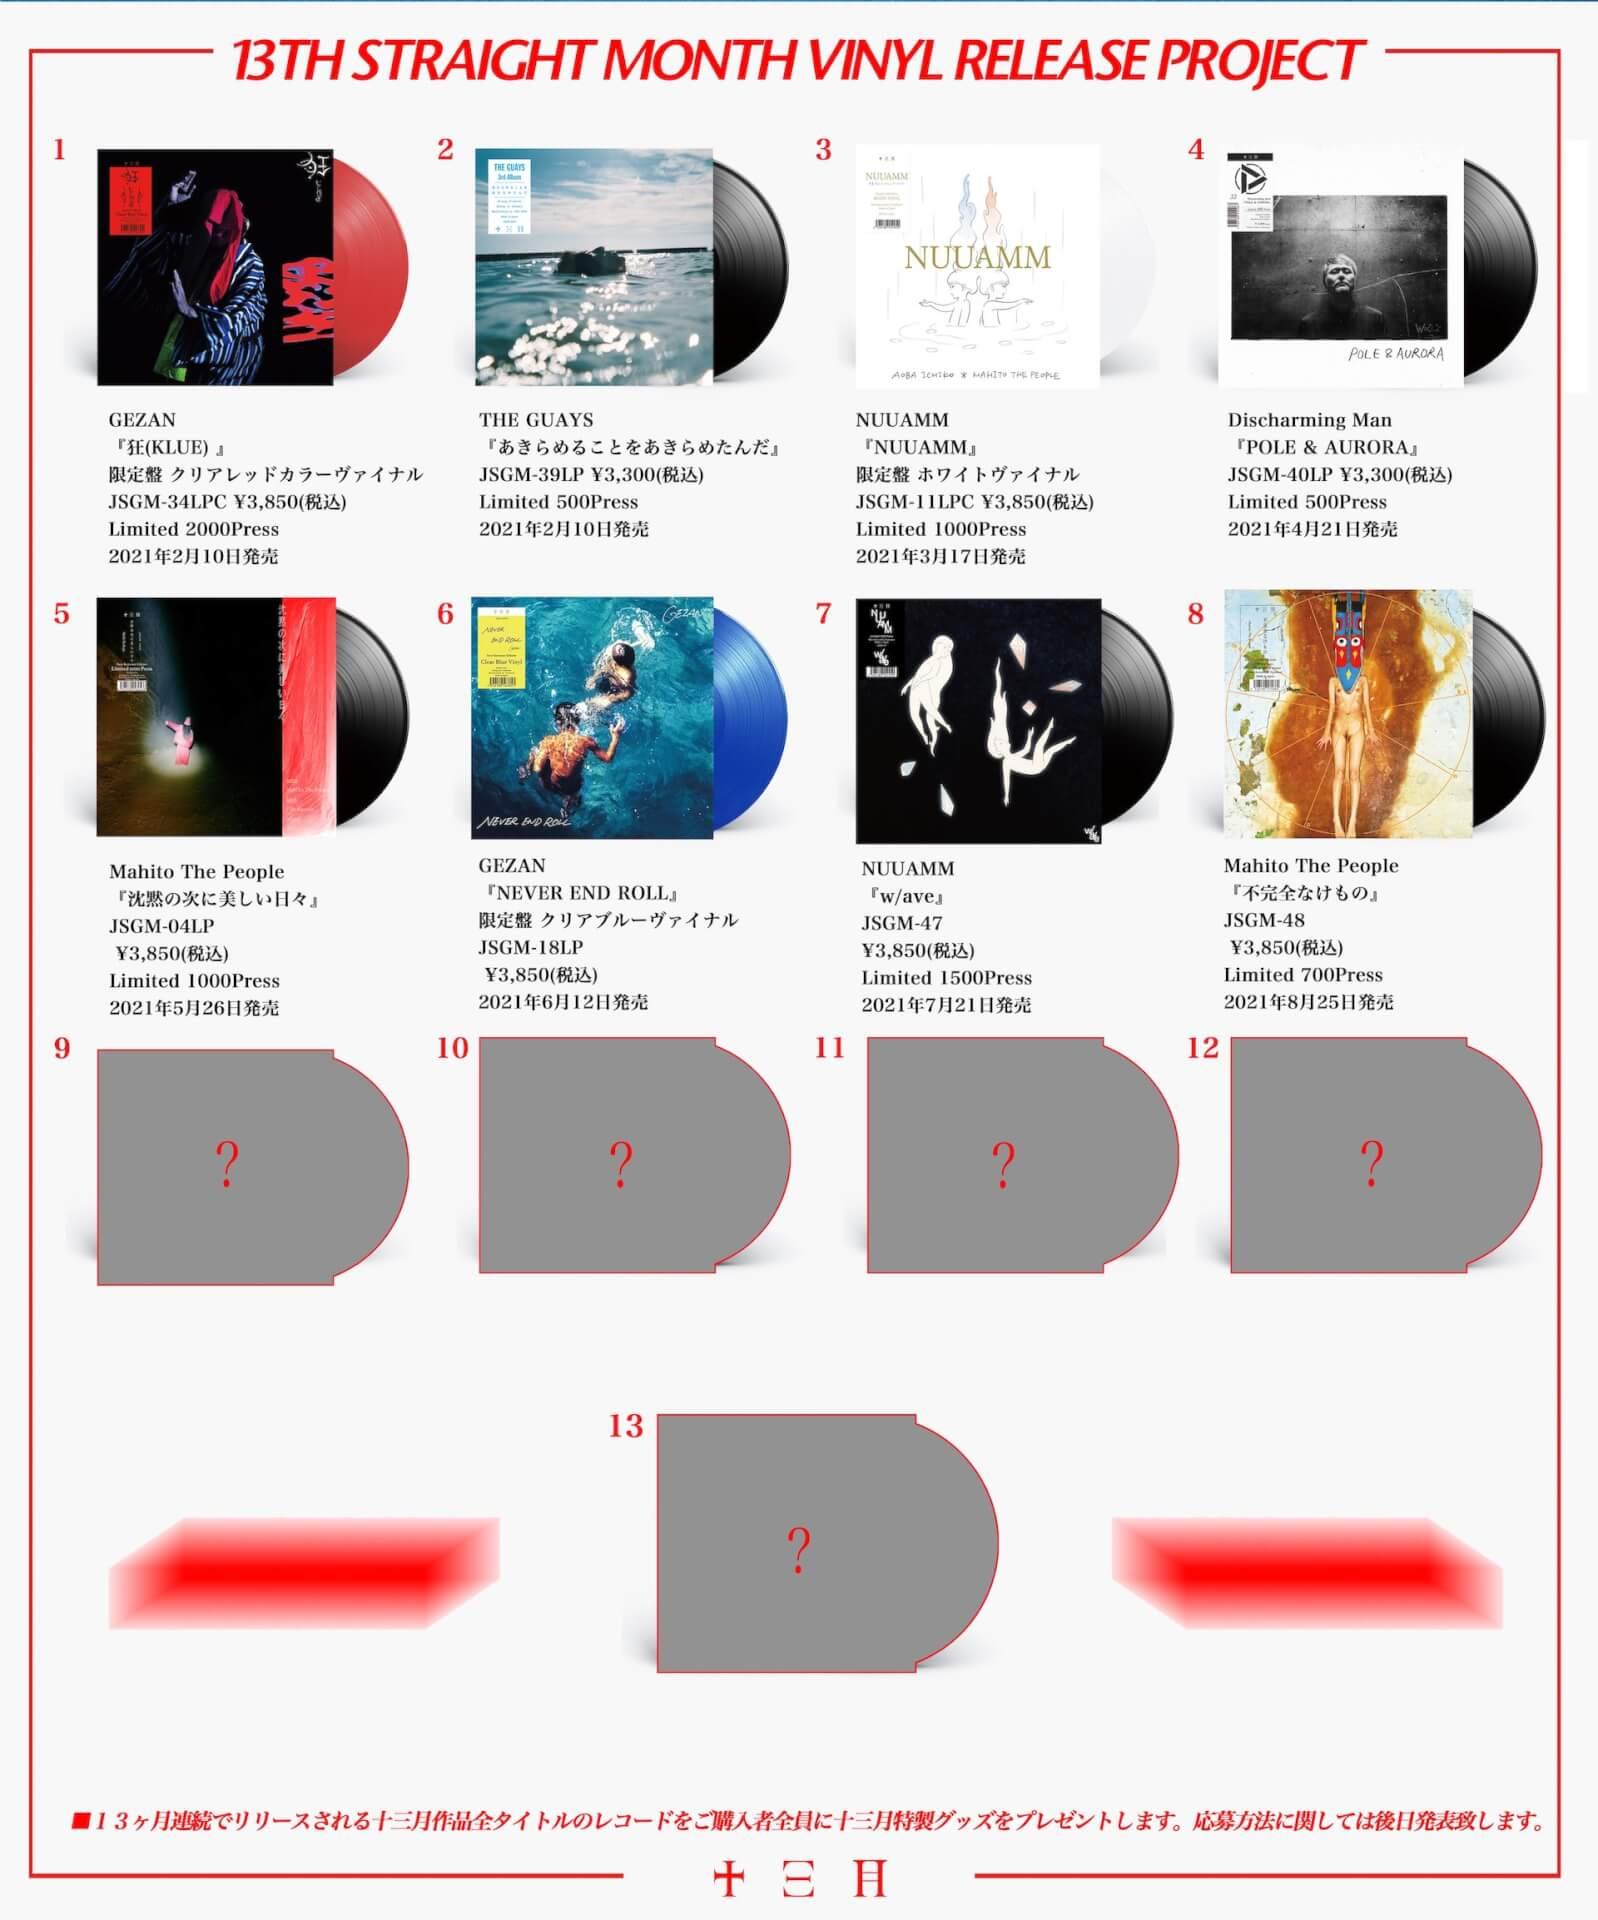 〈十三月〉13ヶ月連続レコードリリースプロジェクト第8弾!マヒトゥ・ザ・ピーポーの3rdアルバム『不完全なけもの』に決定 music210714_mahitothepeople_2